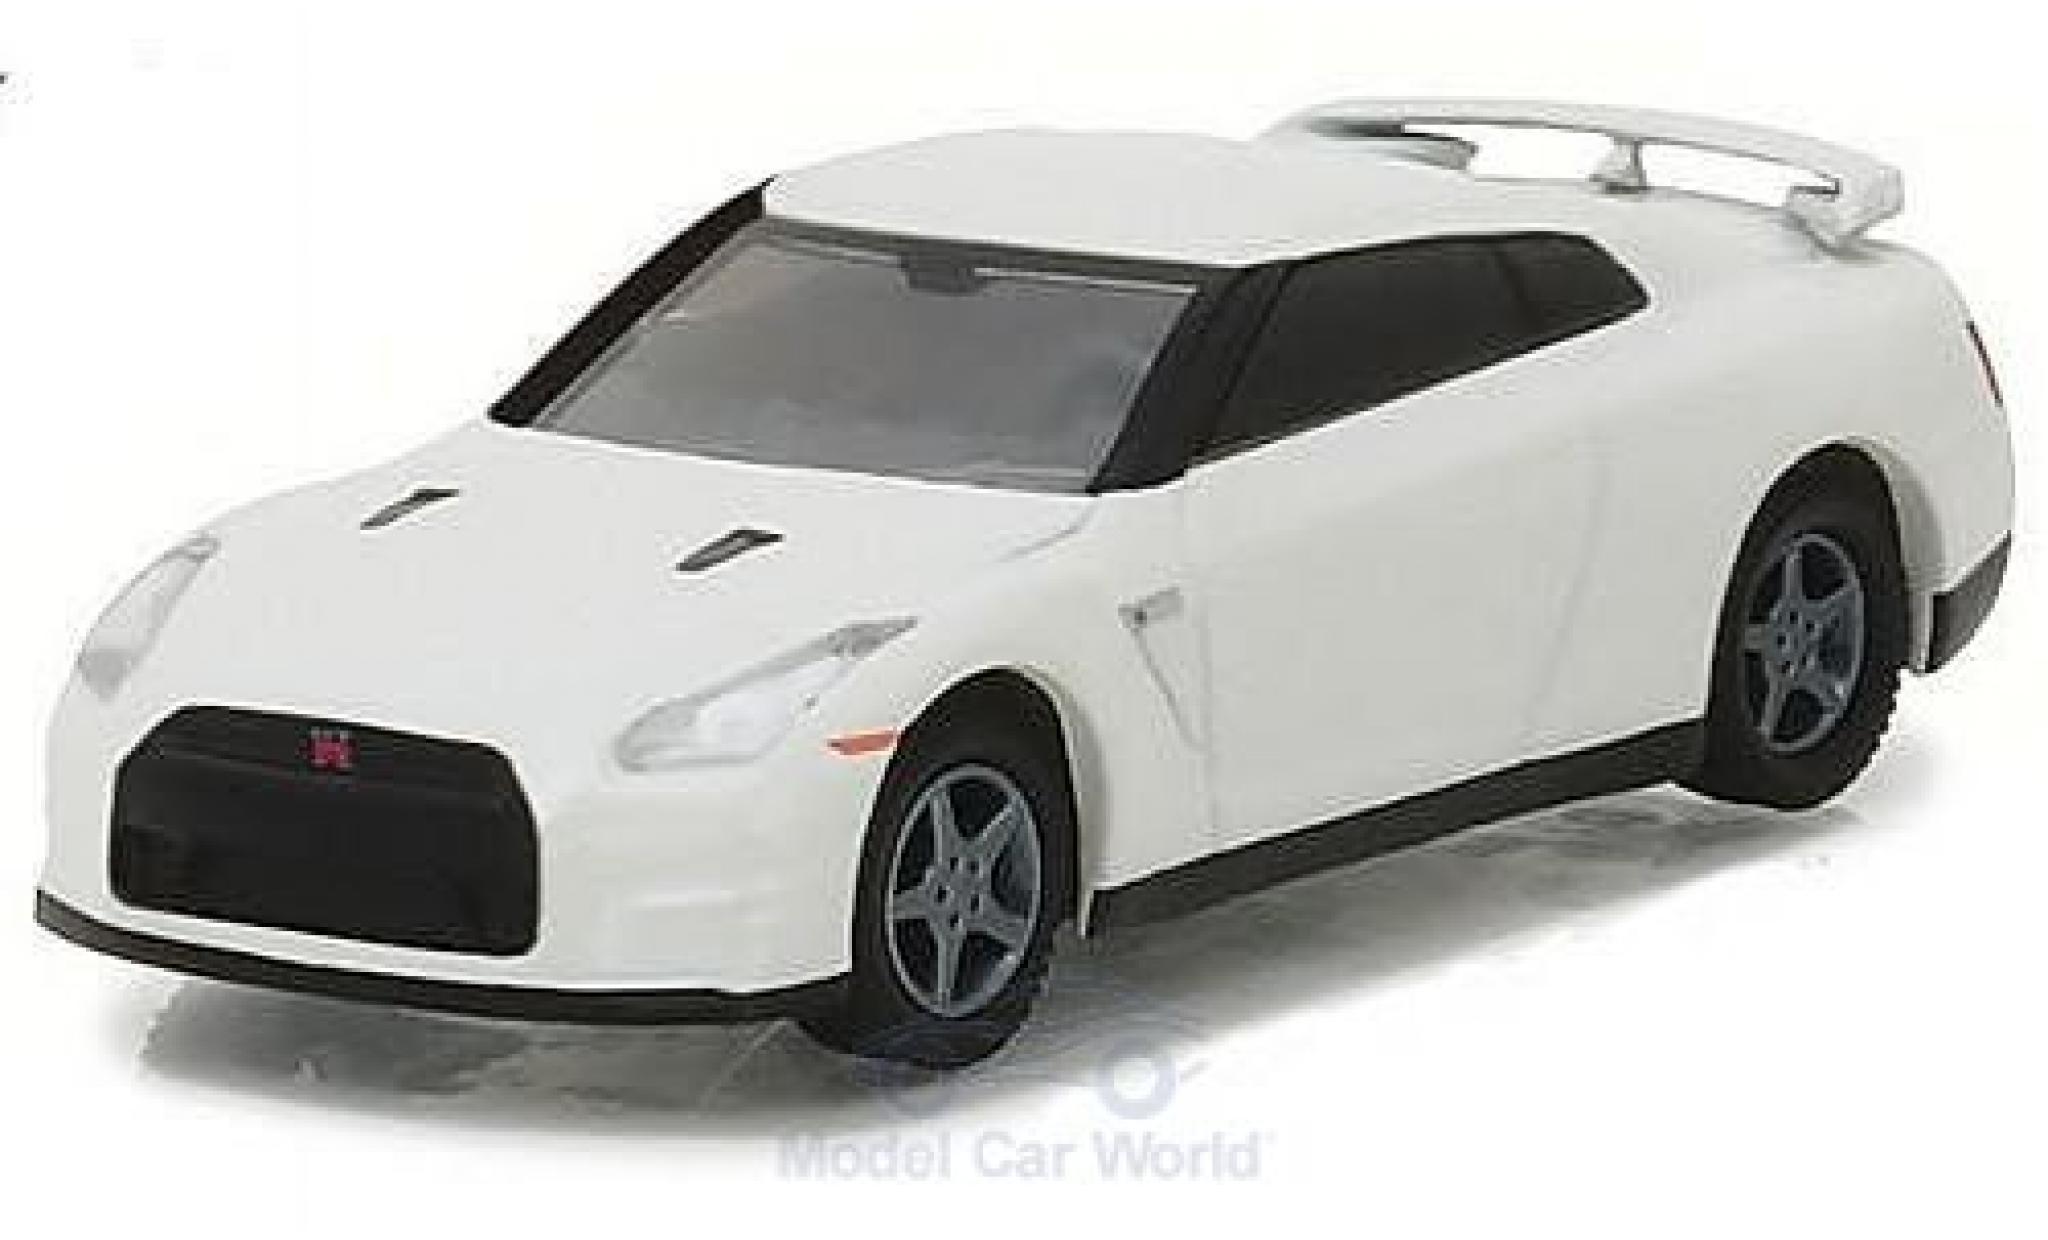 Nissan Skyline R35 1/64 Greenlight GT-R white 2014